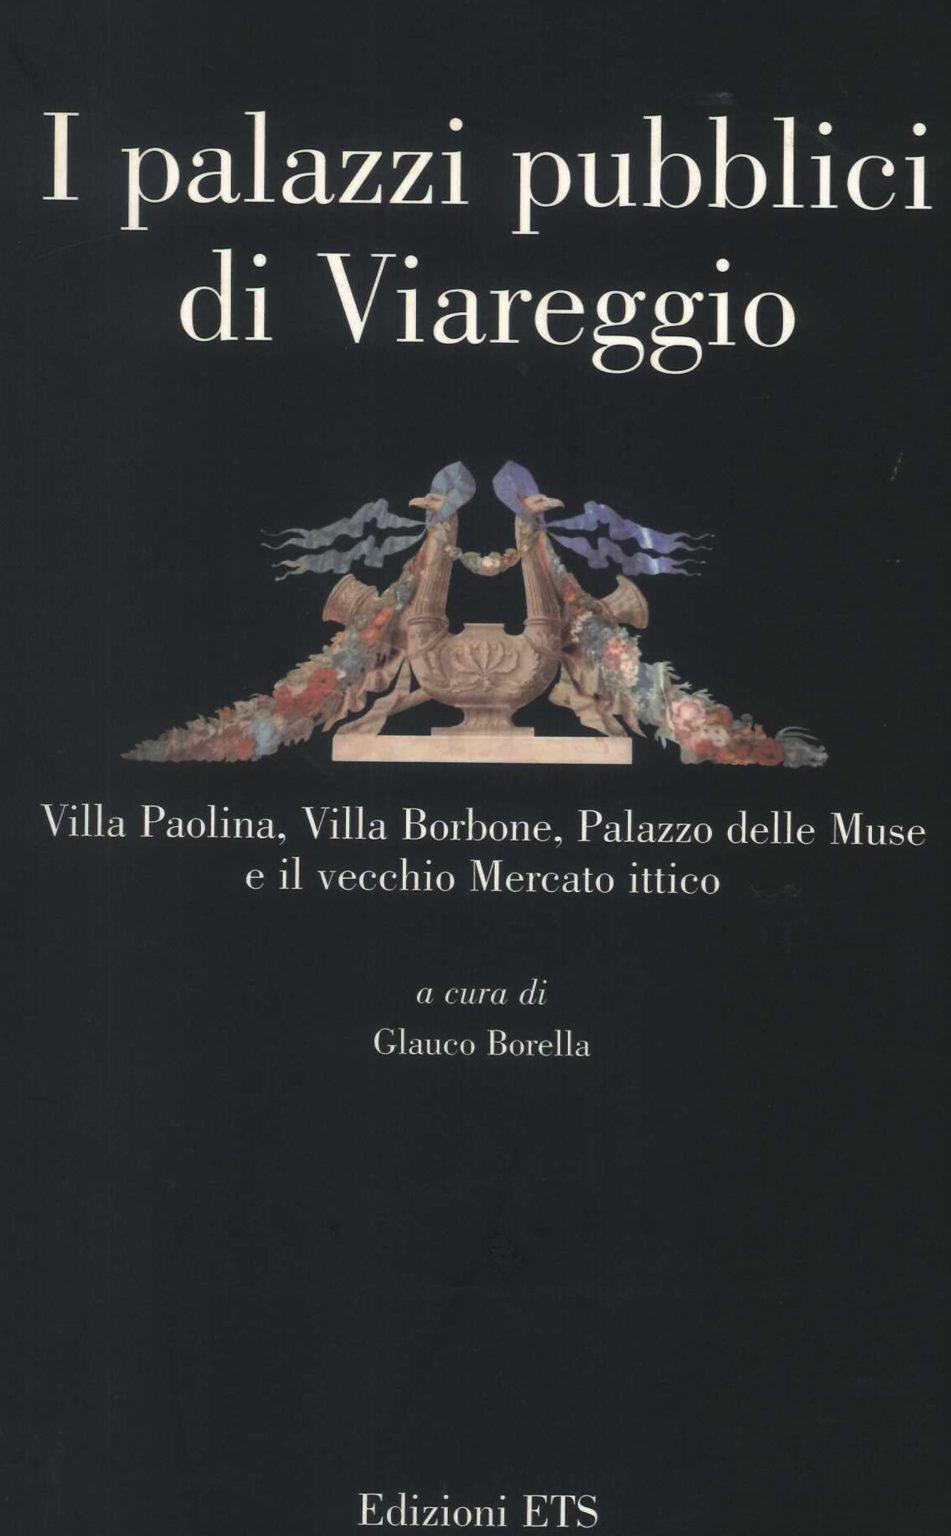 UpStudio Viareggio arch. Massimo Ceragioli pubblicazioni i plazzi pubblici di Viareggio